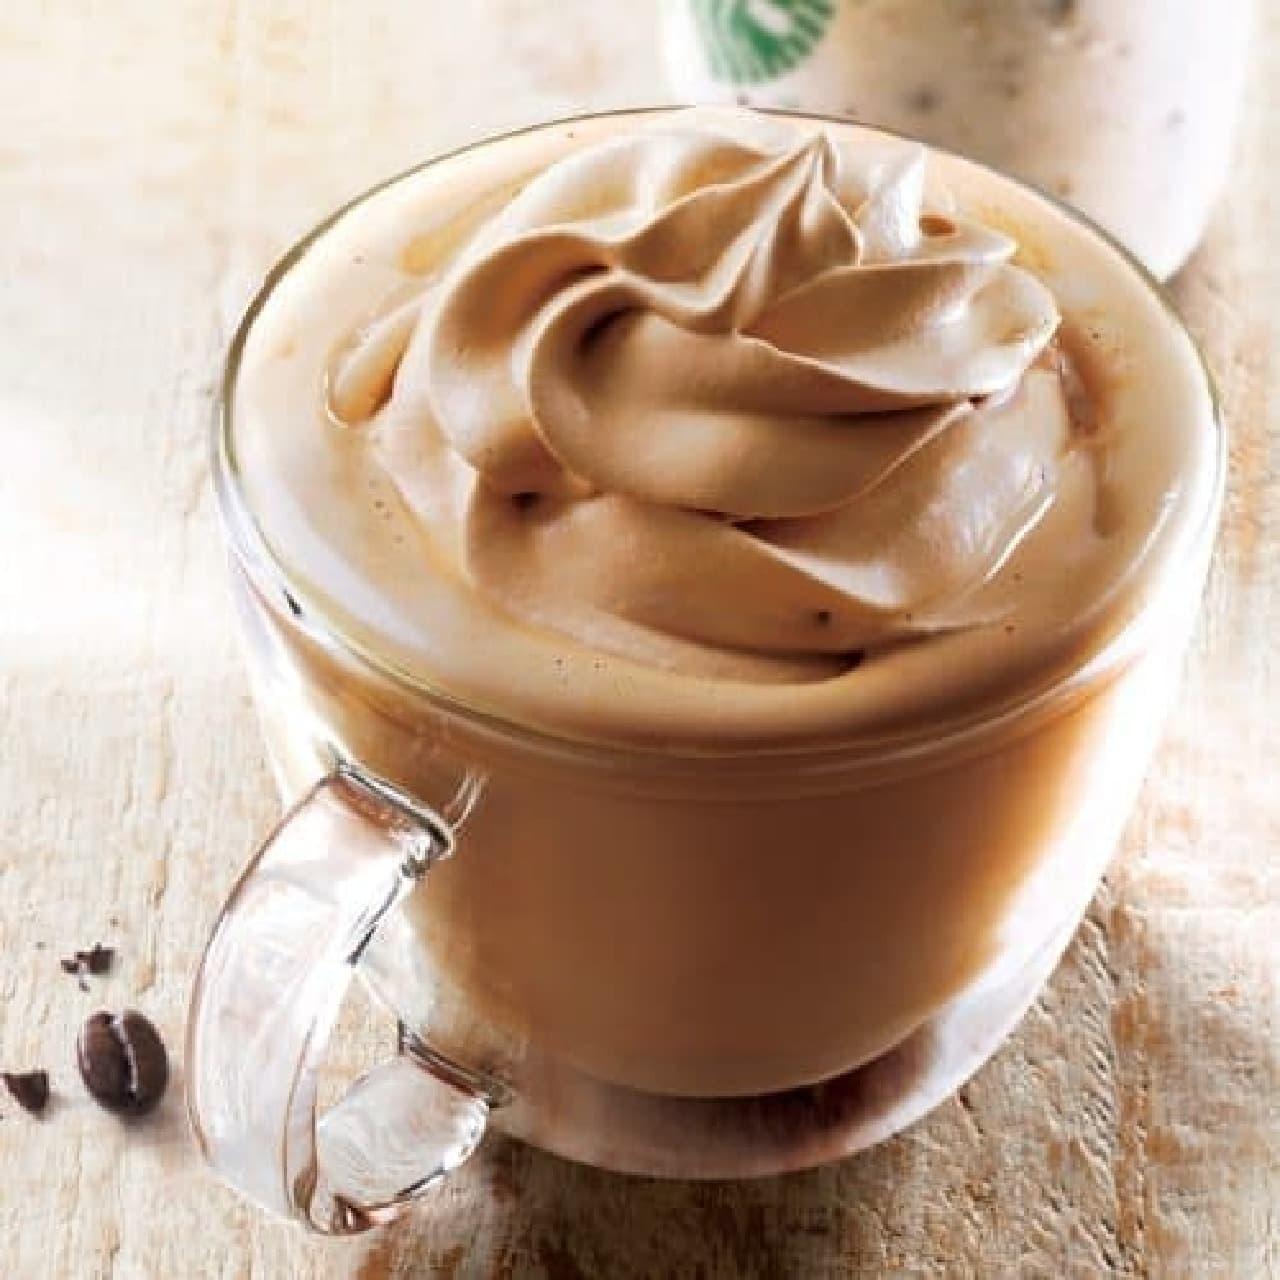 スターバックス「コーヒー&クリーム ラテ」